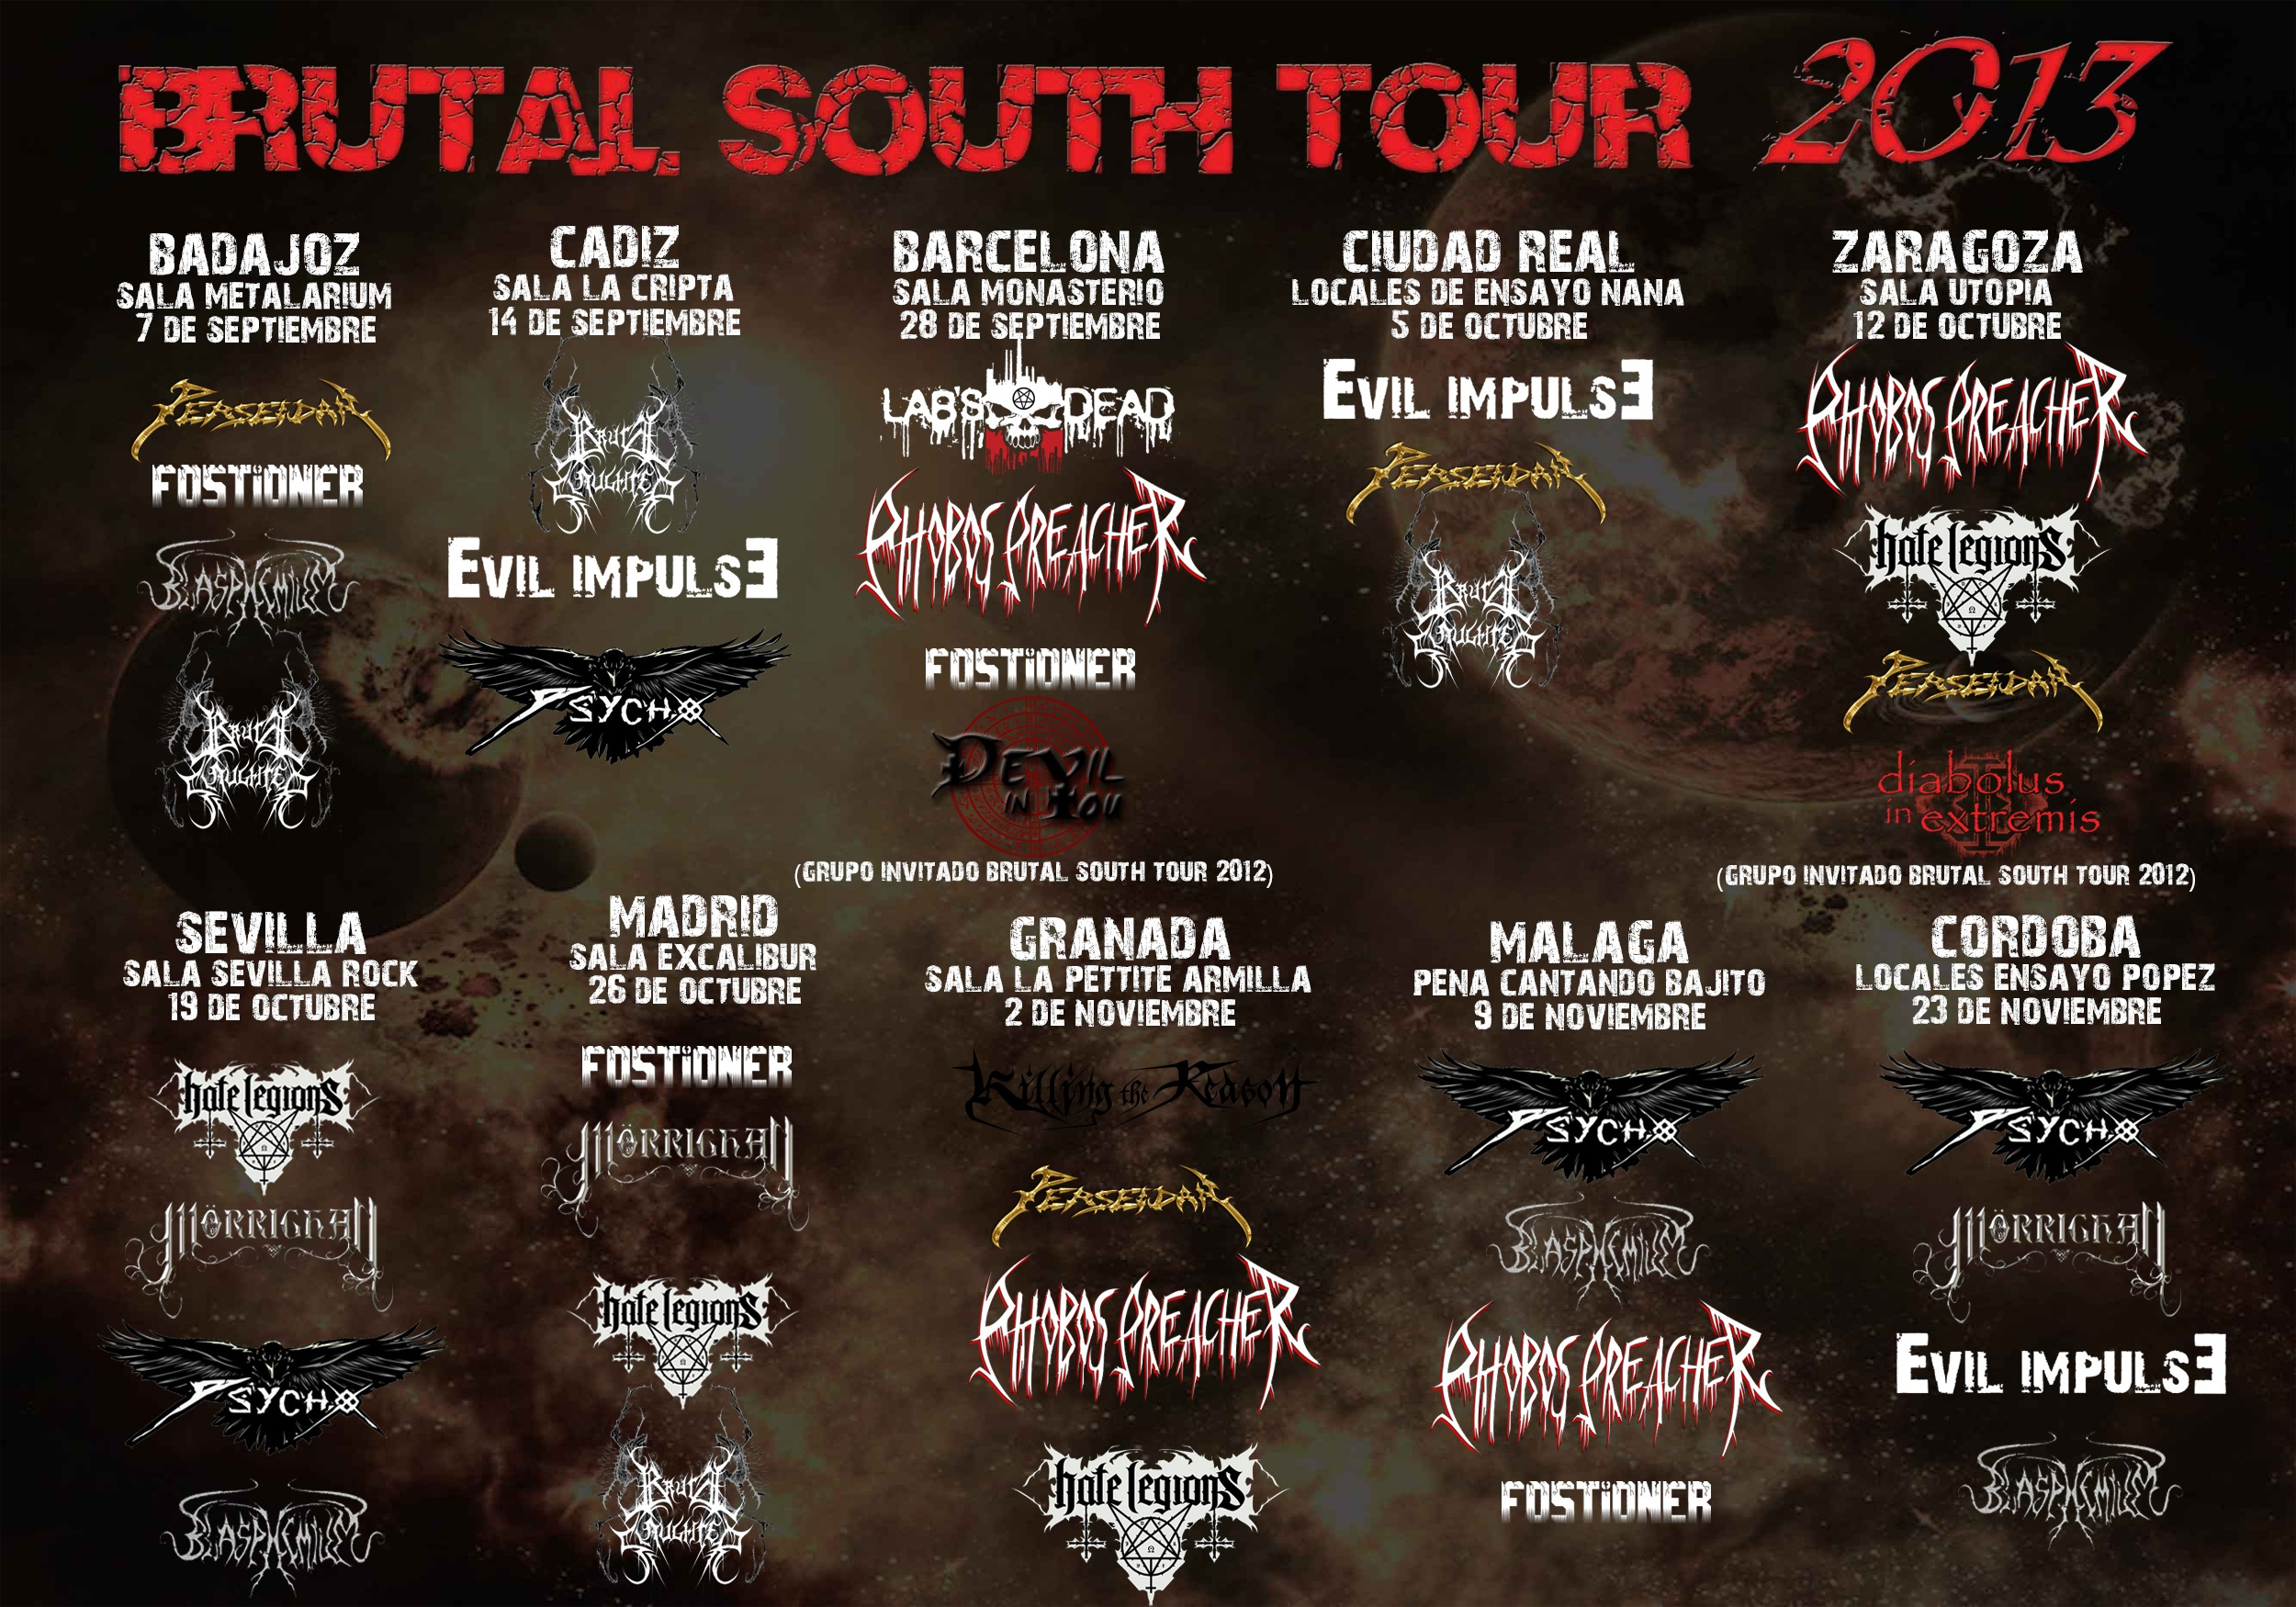 Grupos por ciudad del BRUTAL SOUTH TOUR